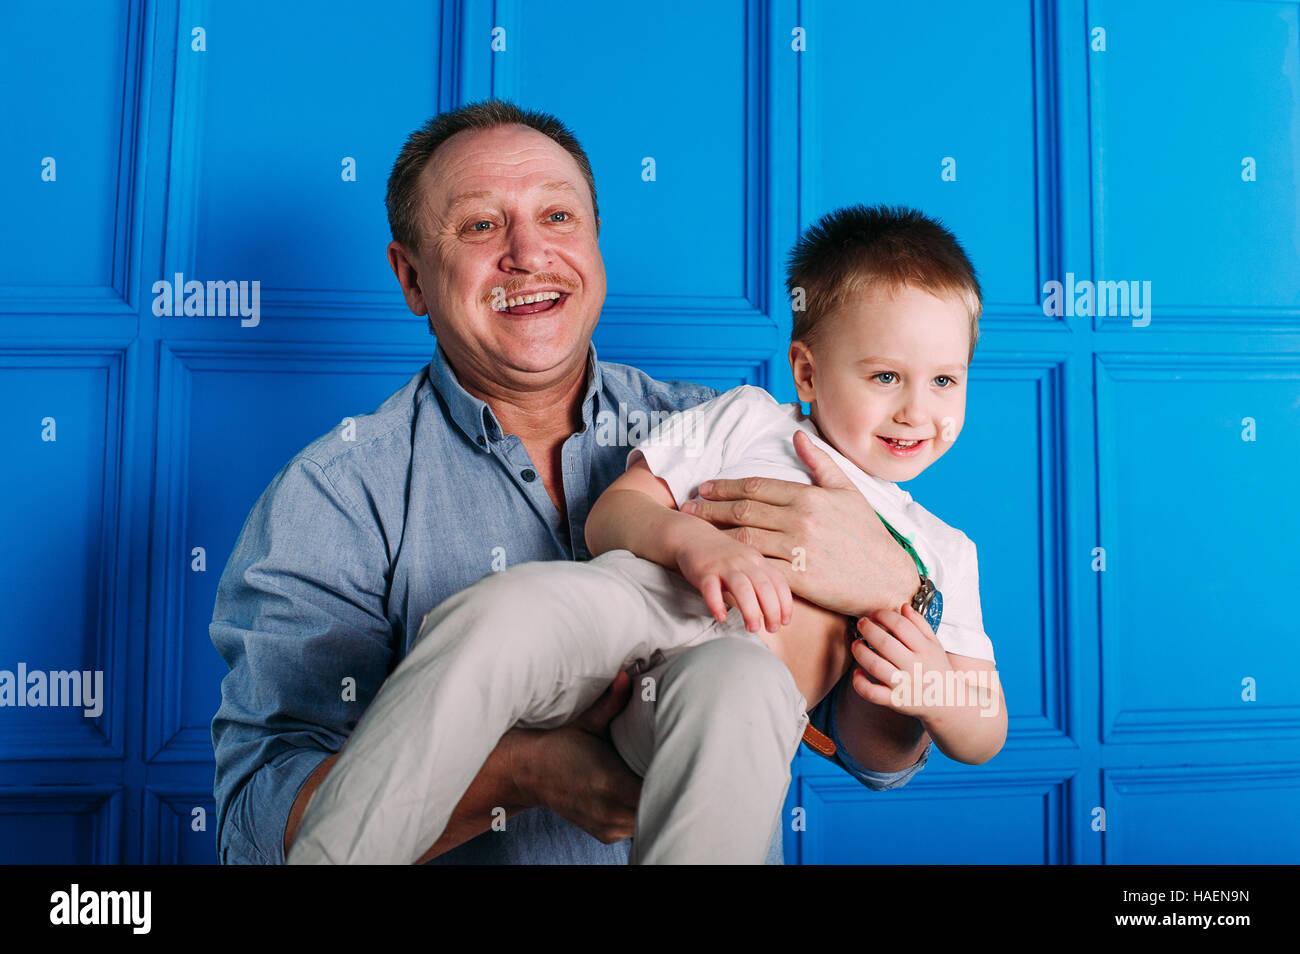 Laughing abuelo con su nieto como juegan juntos en el interior de la sala con el lindo muchacho abrazando a él Imagen De Stock